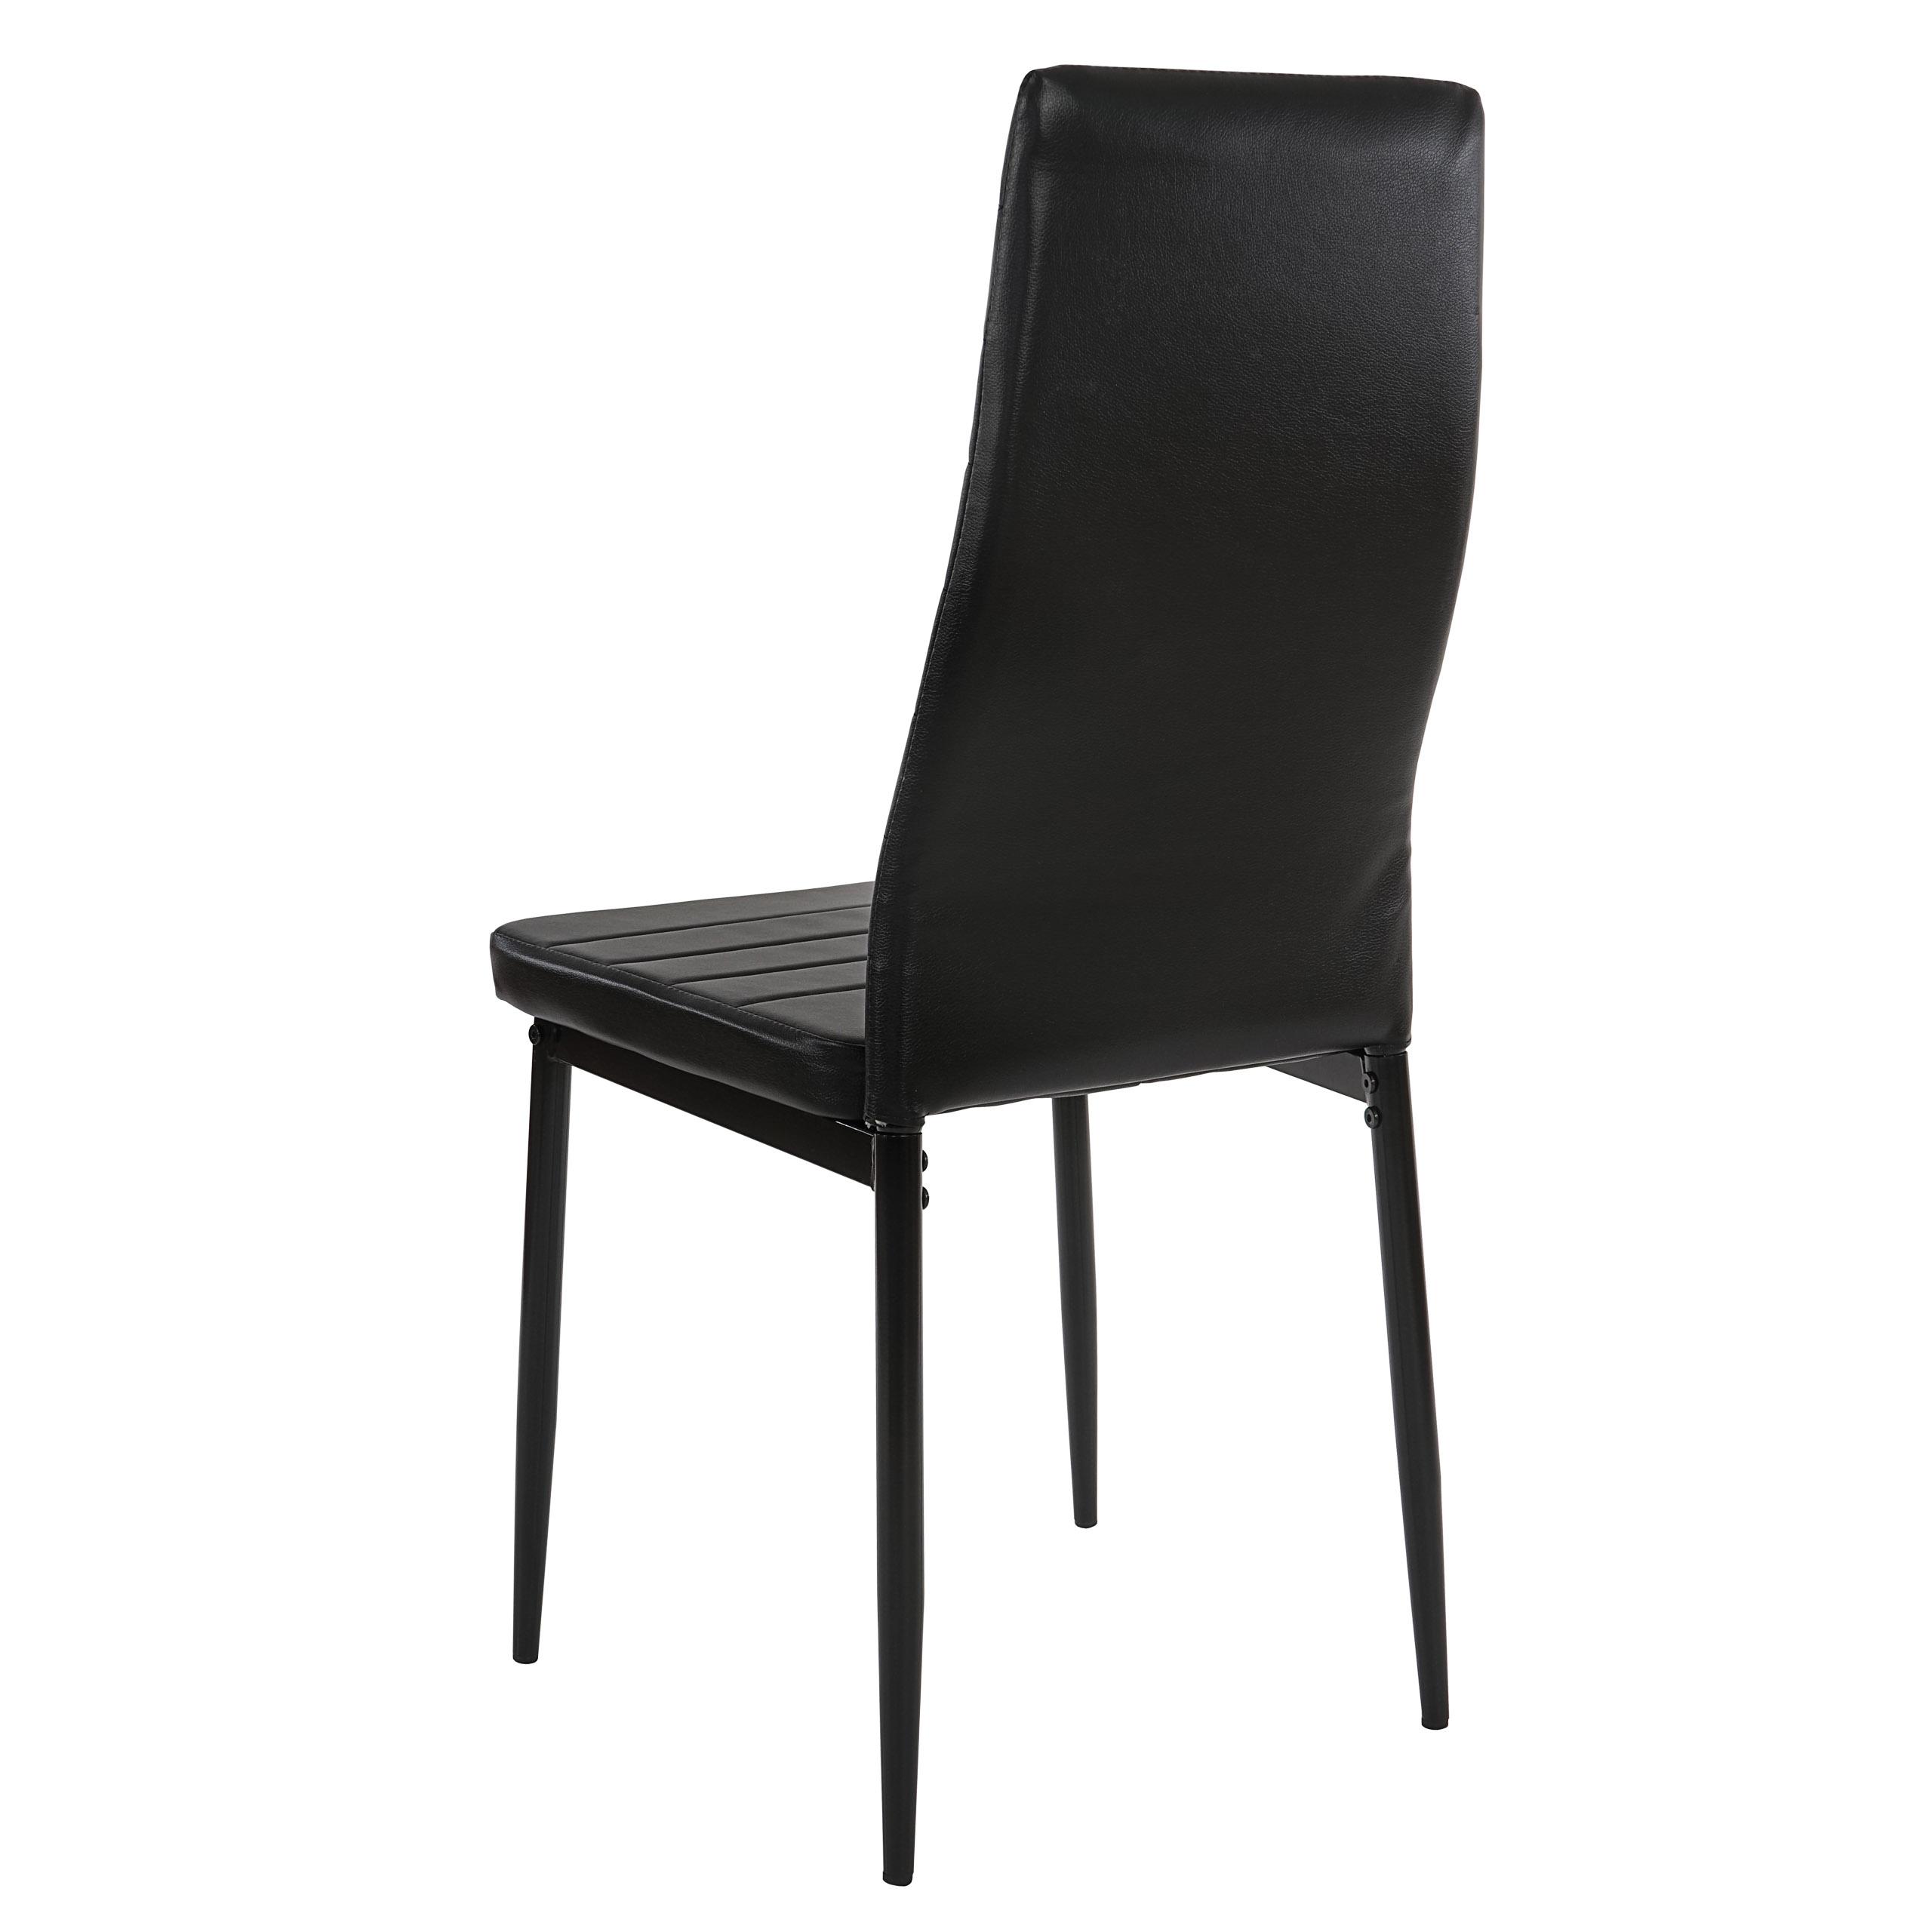 2x esszimmerstuhl lixa stuhl lehnstuhl kunstleder schwarz. Black Bedroom Furniture Sets. Home Design Ideas